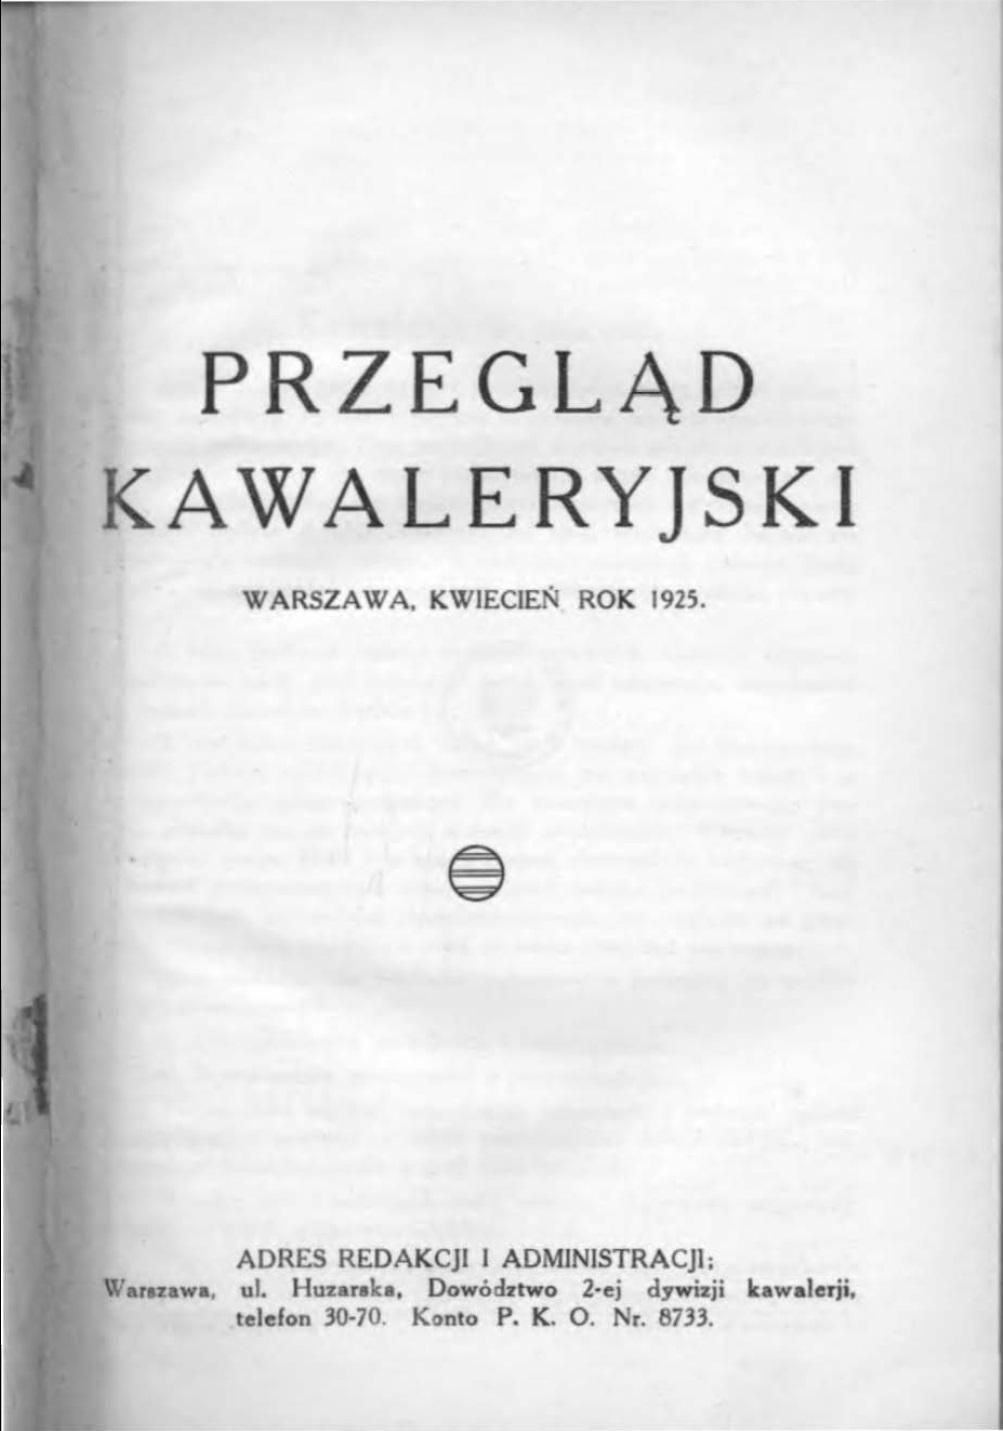 Przegląd Kawaleryjski 1925 zeszyt nr 2